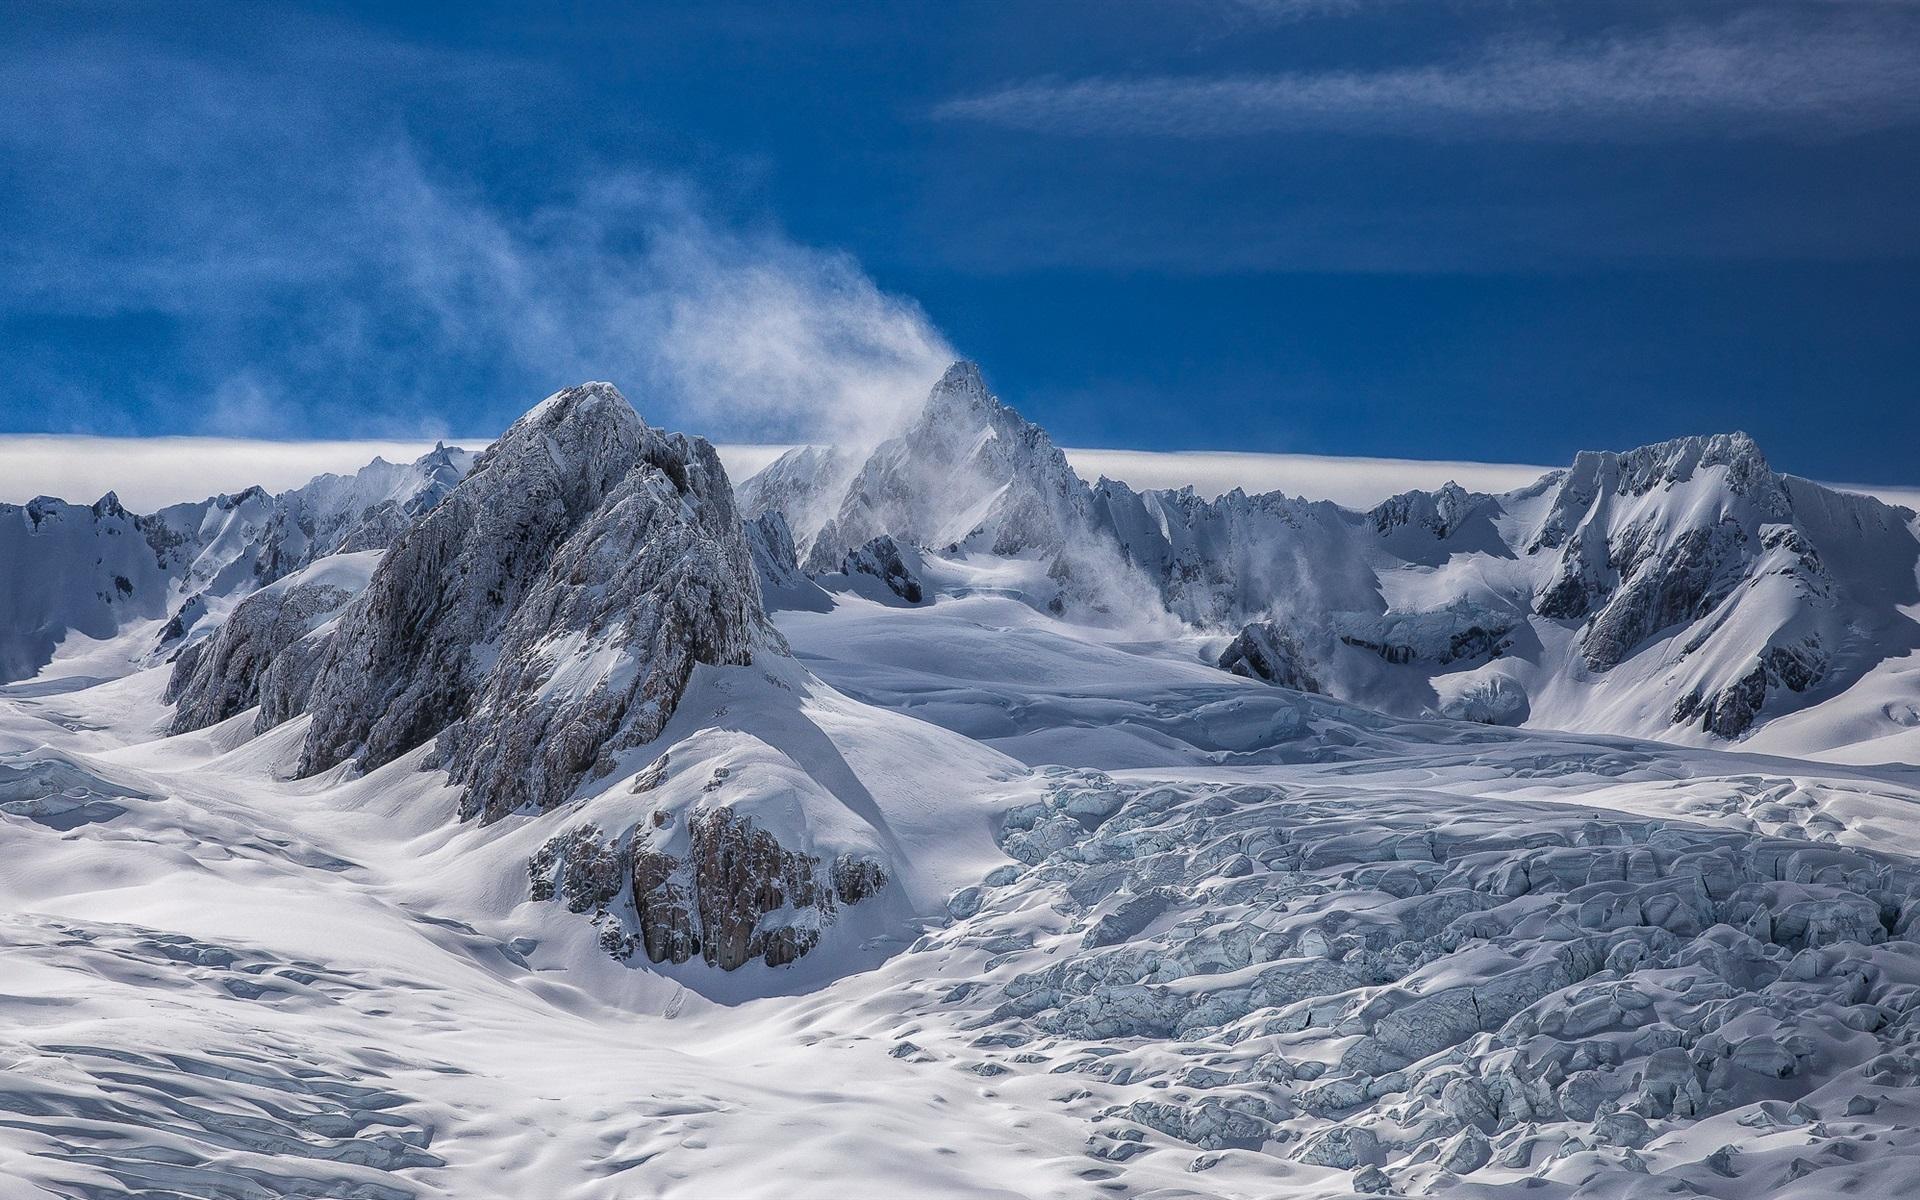 Fondo Escritorio Picos Montañas Nevadas: Fondos De Pantalla Nueva Zelanda, Picos, Nieve Blanca